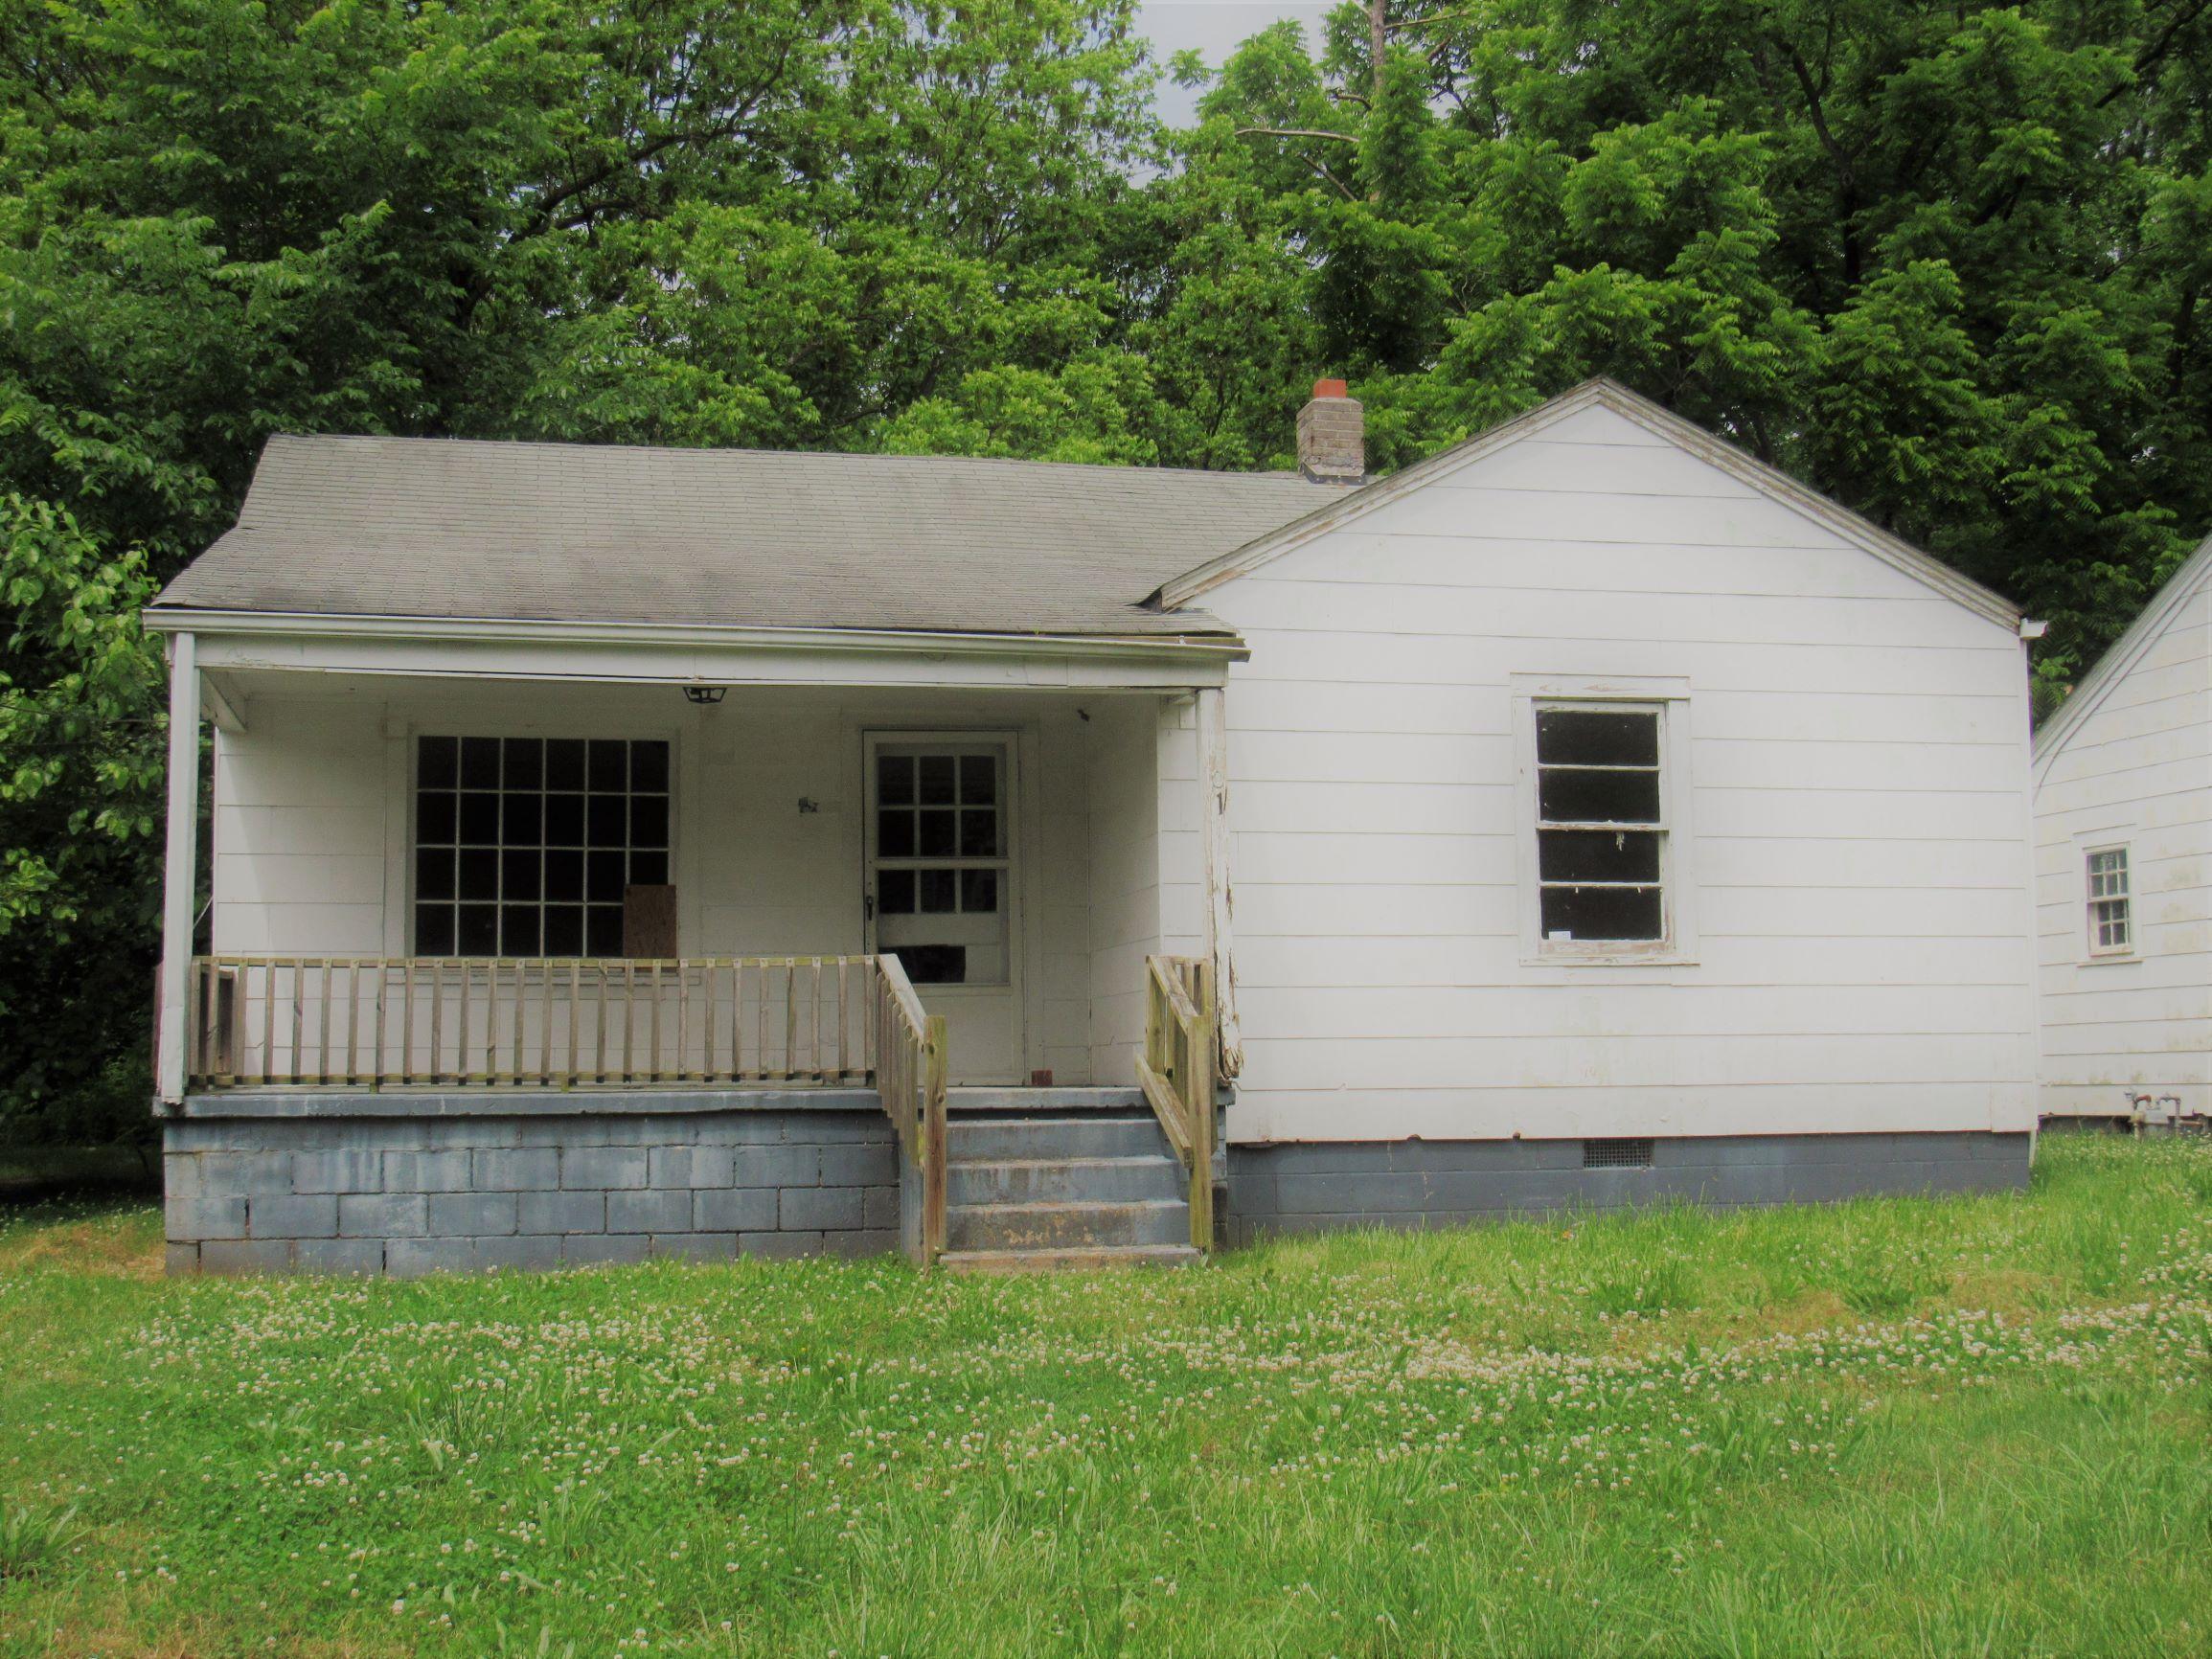 101 S Cecil St, Lexington, NC